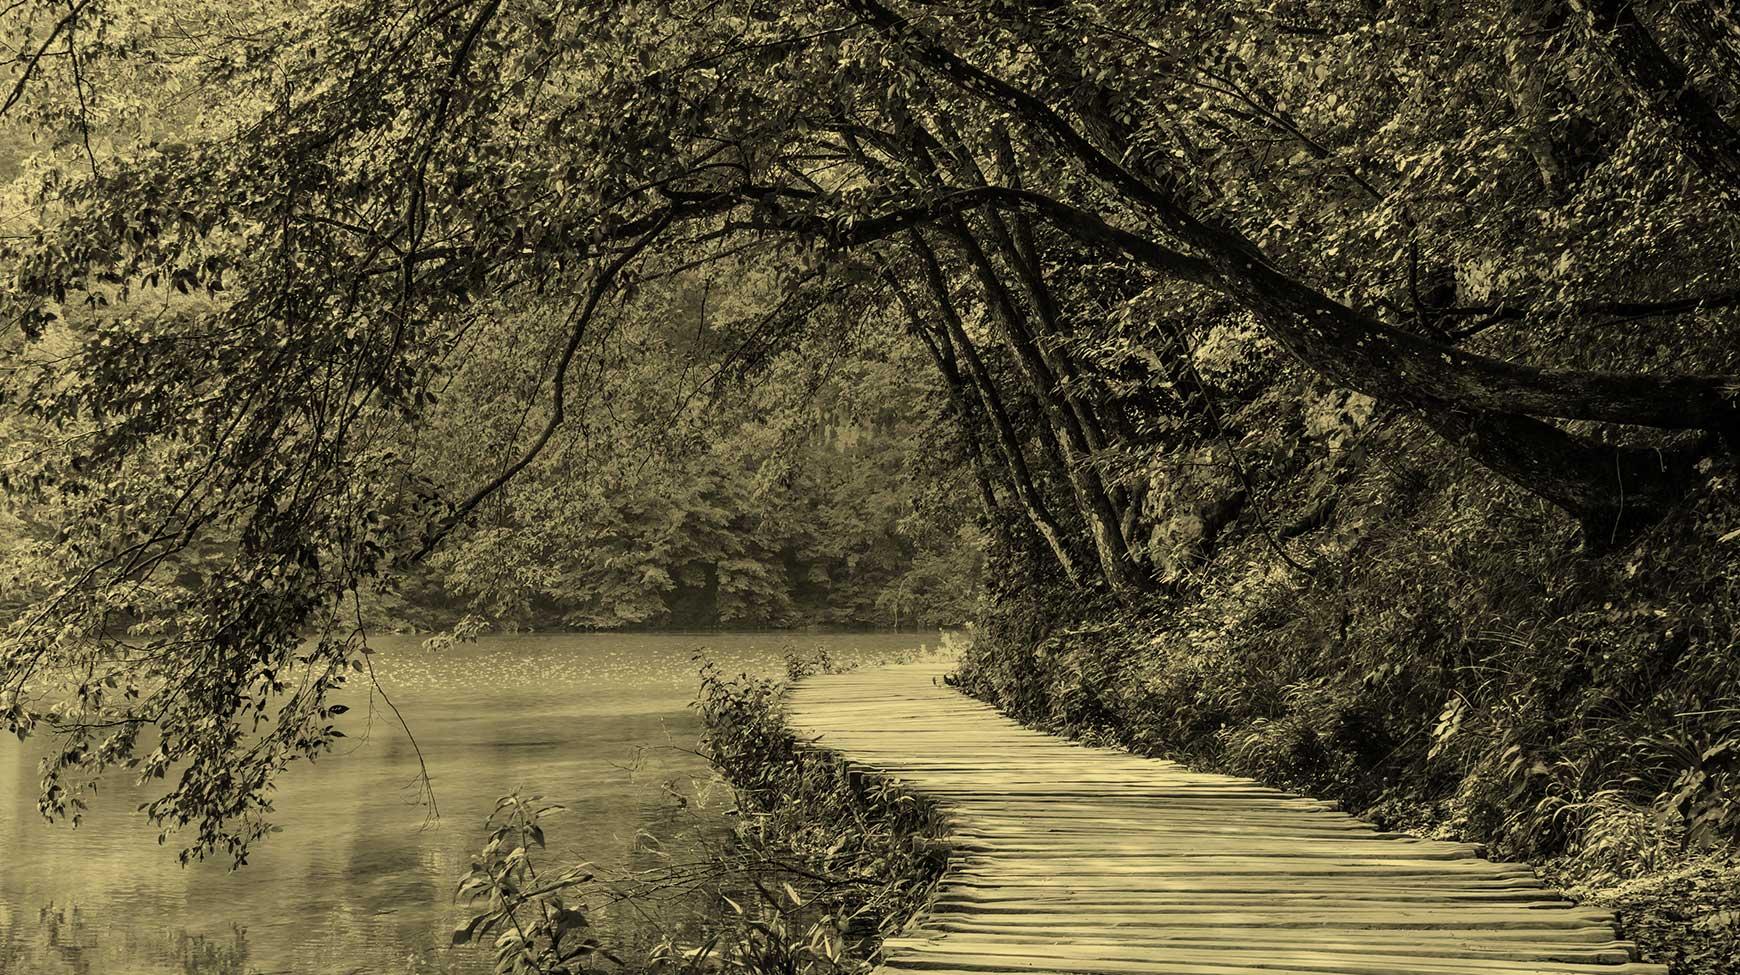 Dorsey & Whitney lake boardwalk slider image